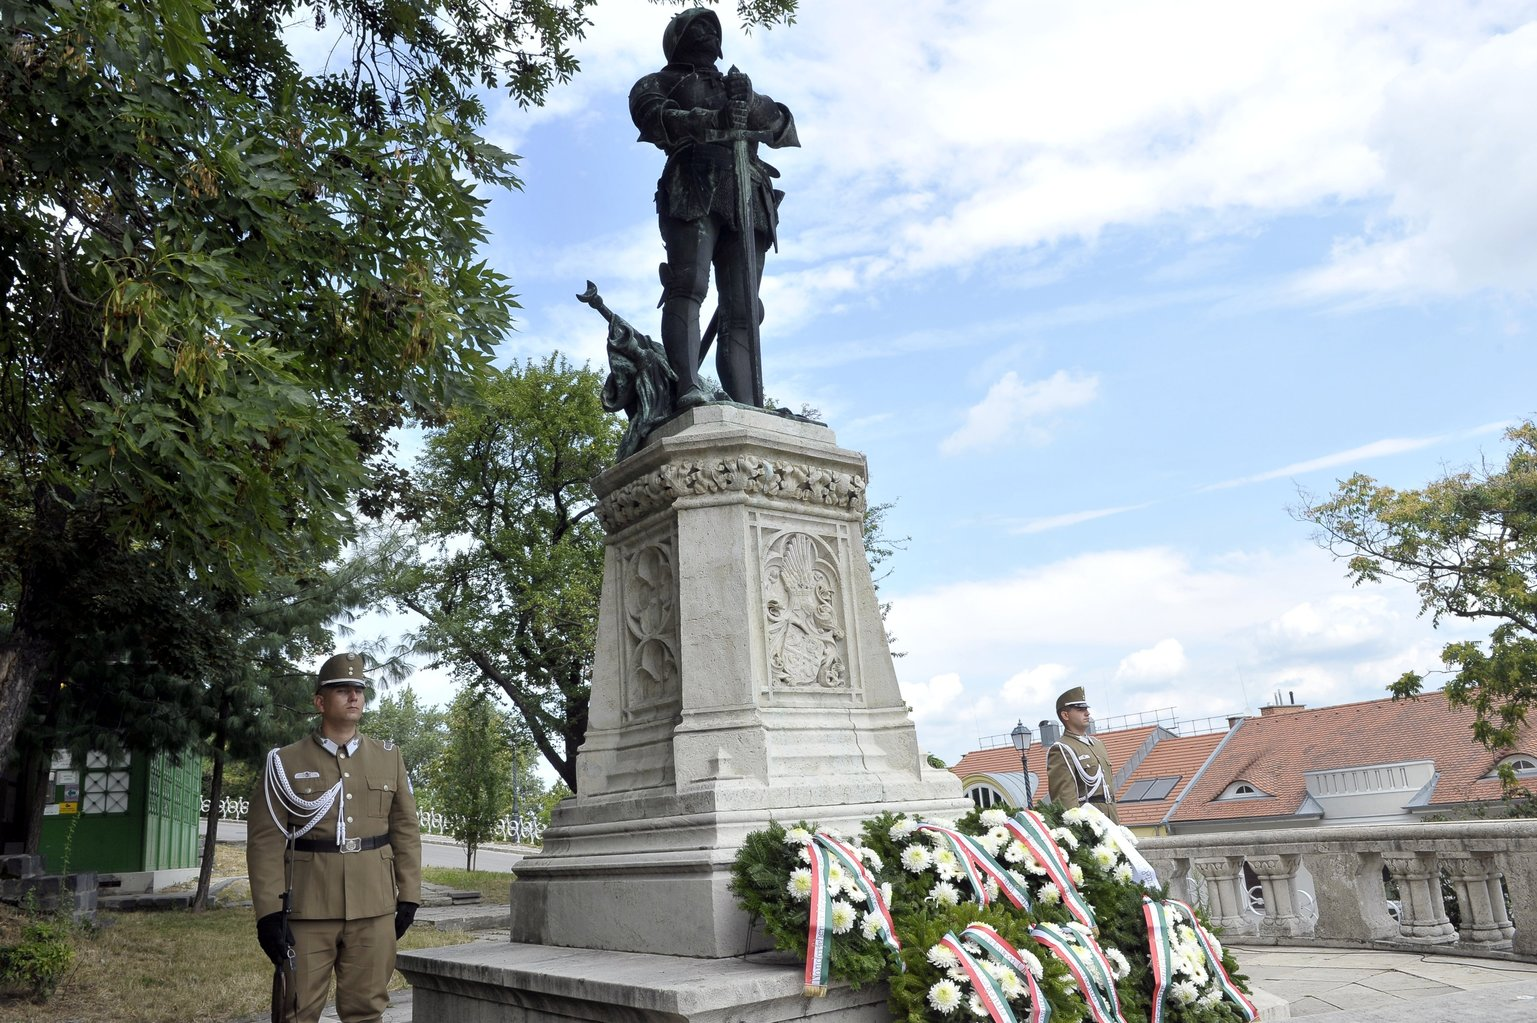 Koszorúk Hunyadi János szobránál a nándorfehérvári diadal emléknapja alkalmából tartott megemlékezésen a főváros I. kerületében (Fotó: MTI/Kovács Attila)